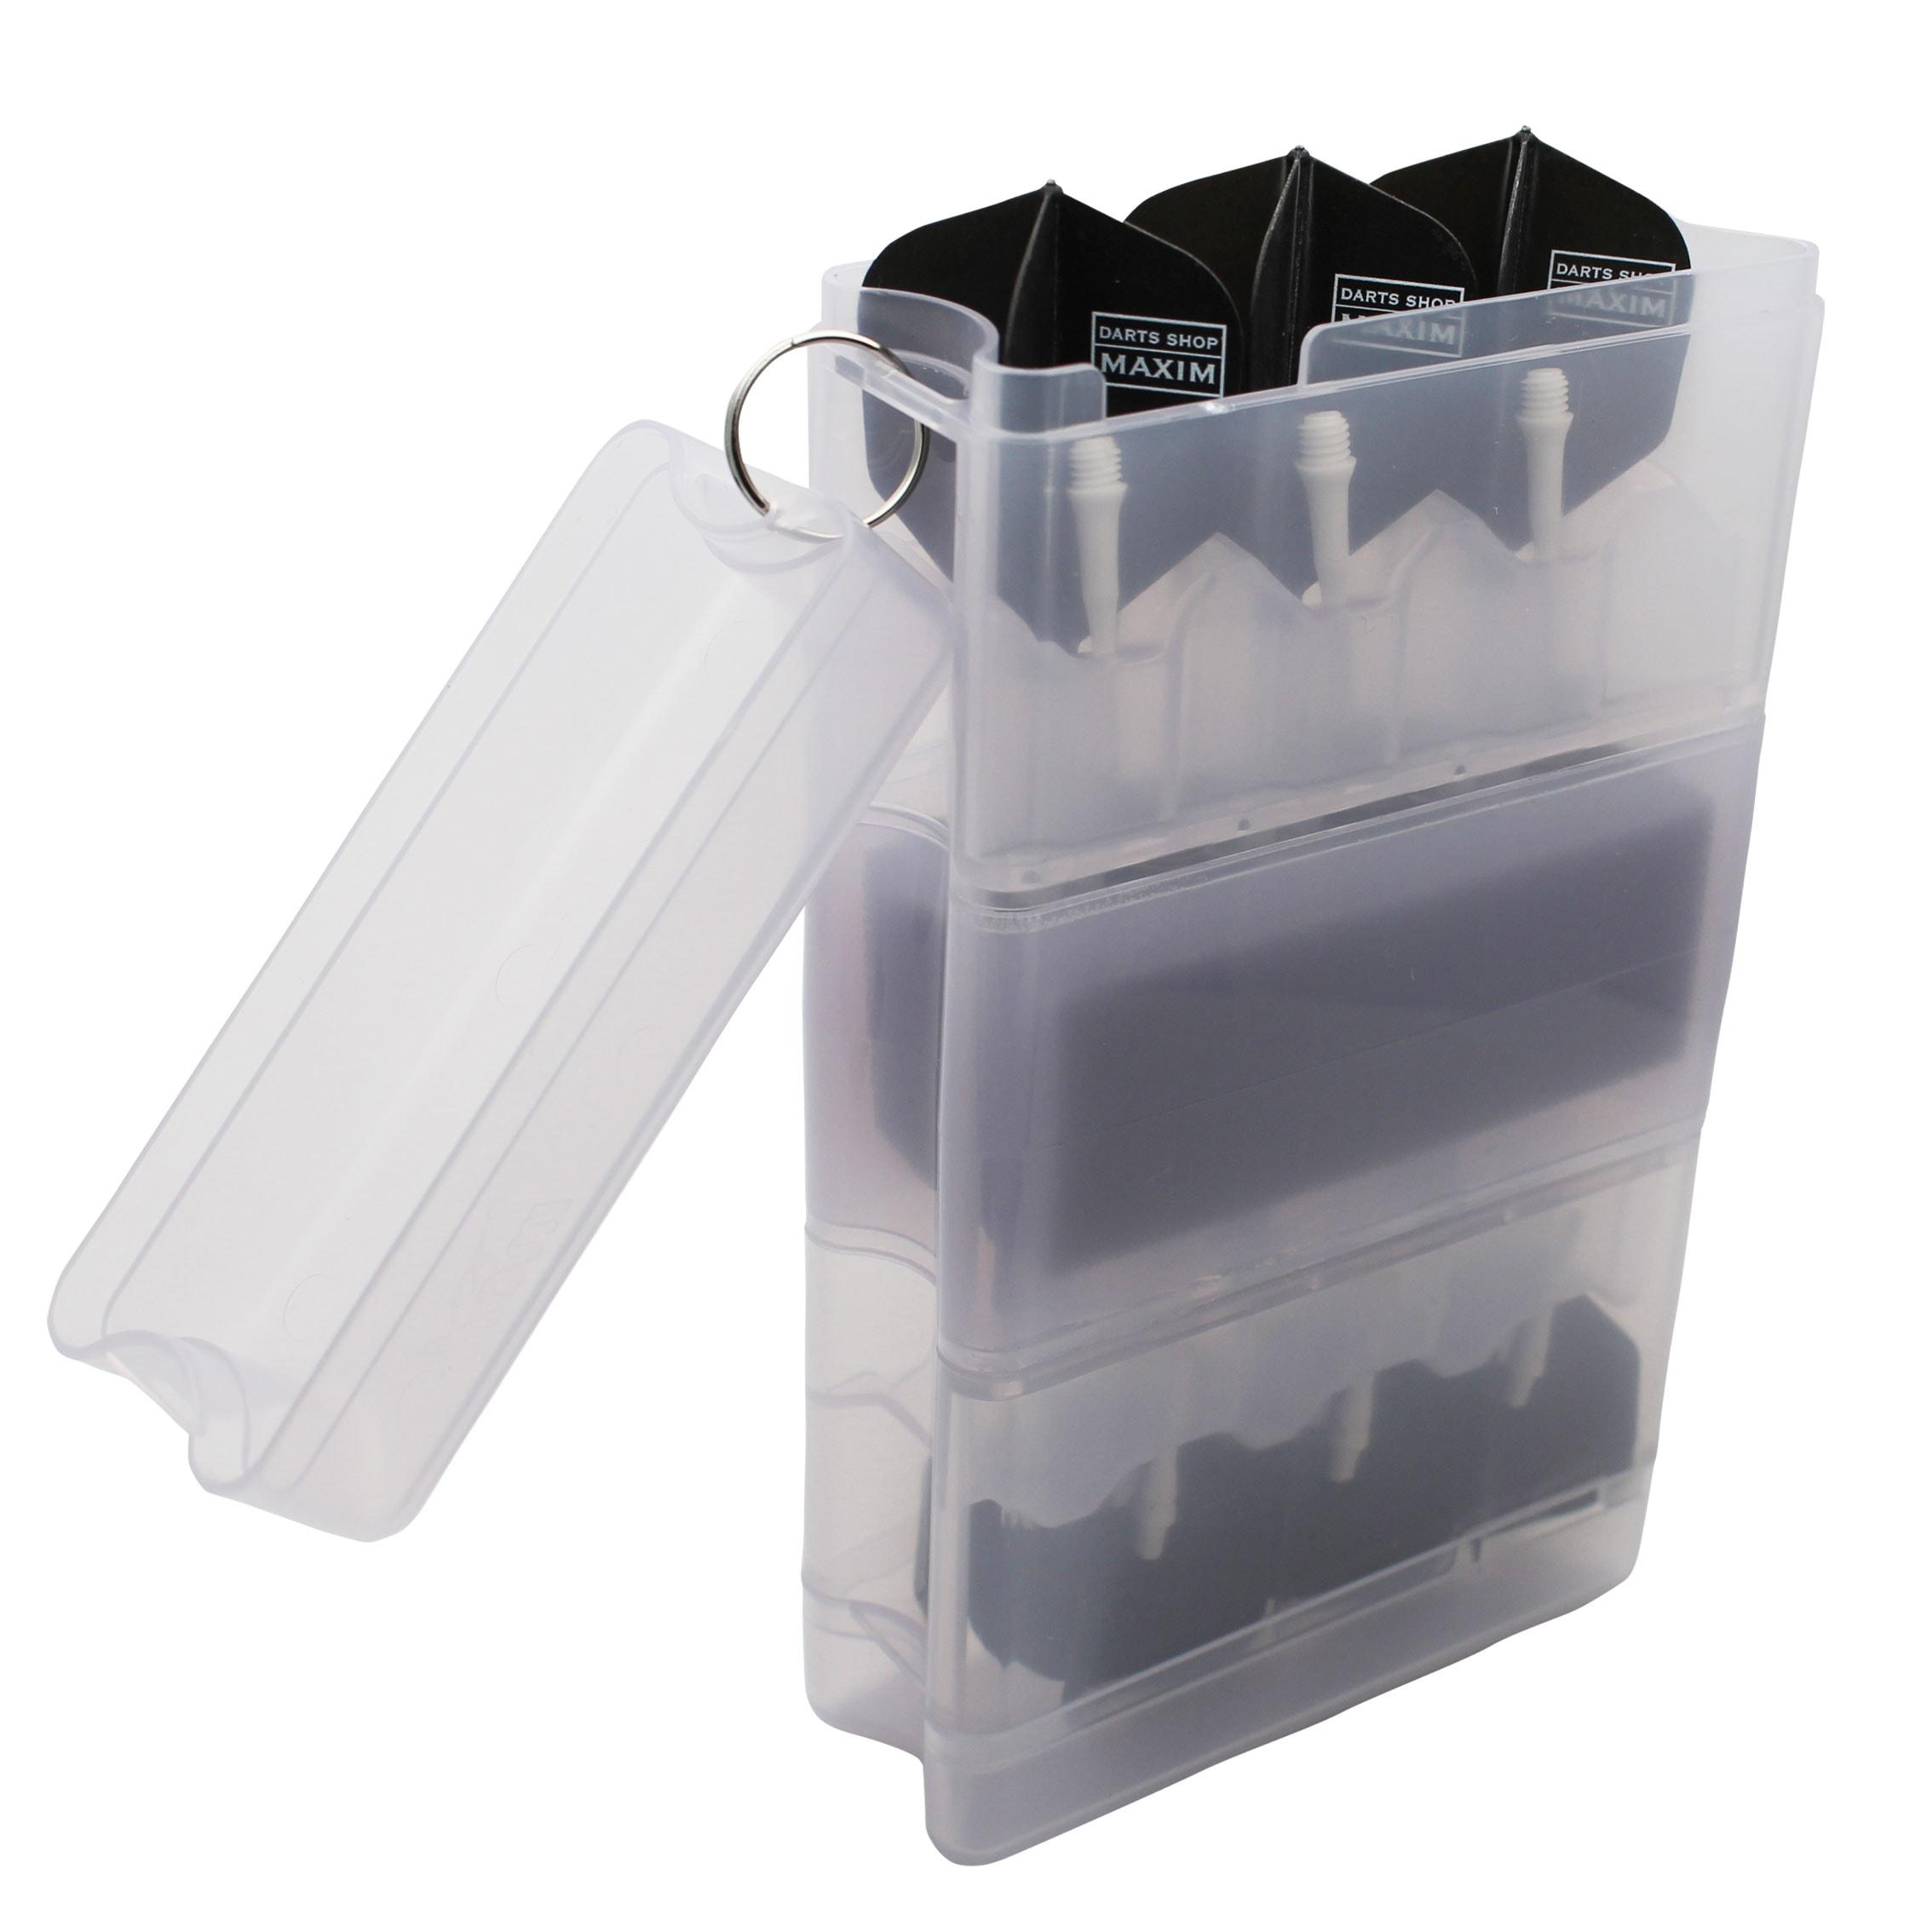 ダーツケース 全知全能 セッティングダーツ2セット収納プラスチックボックスケース